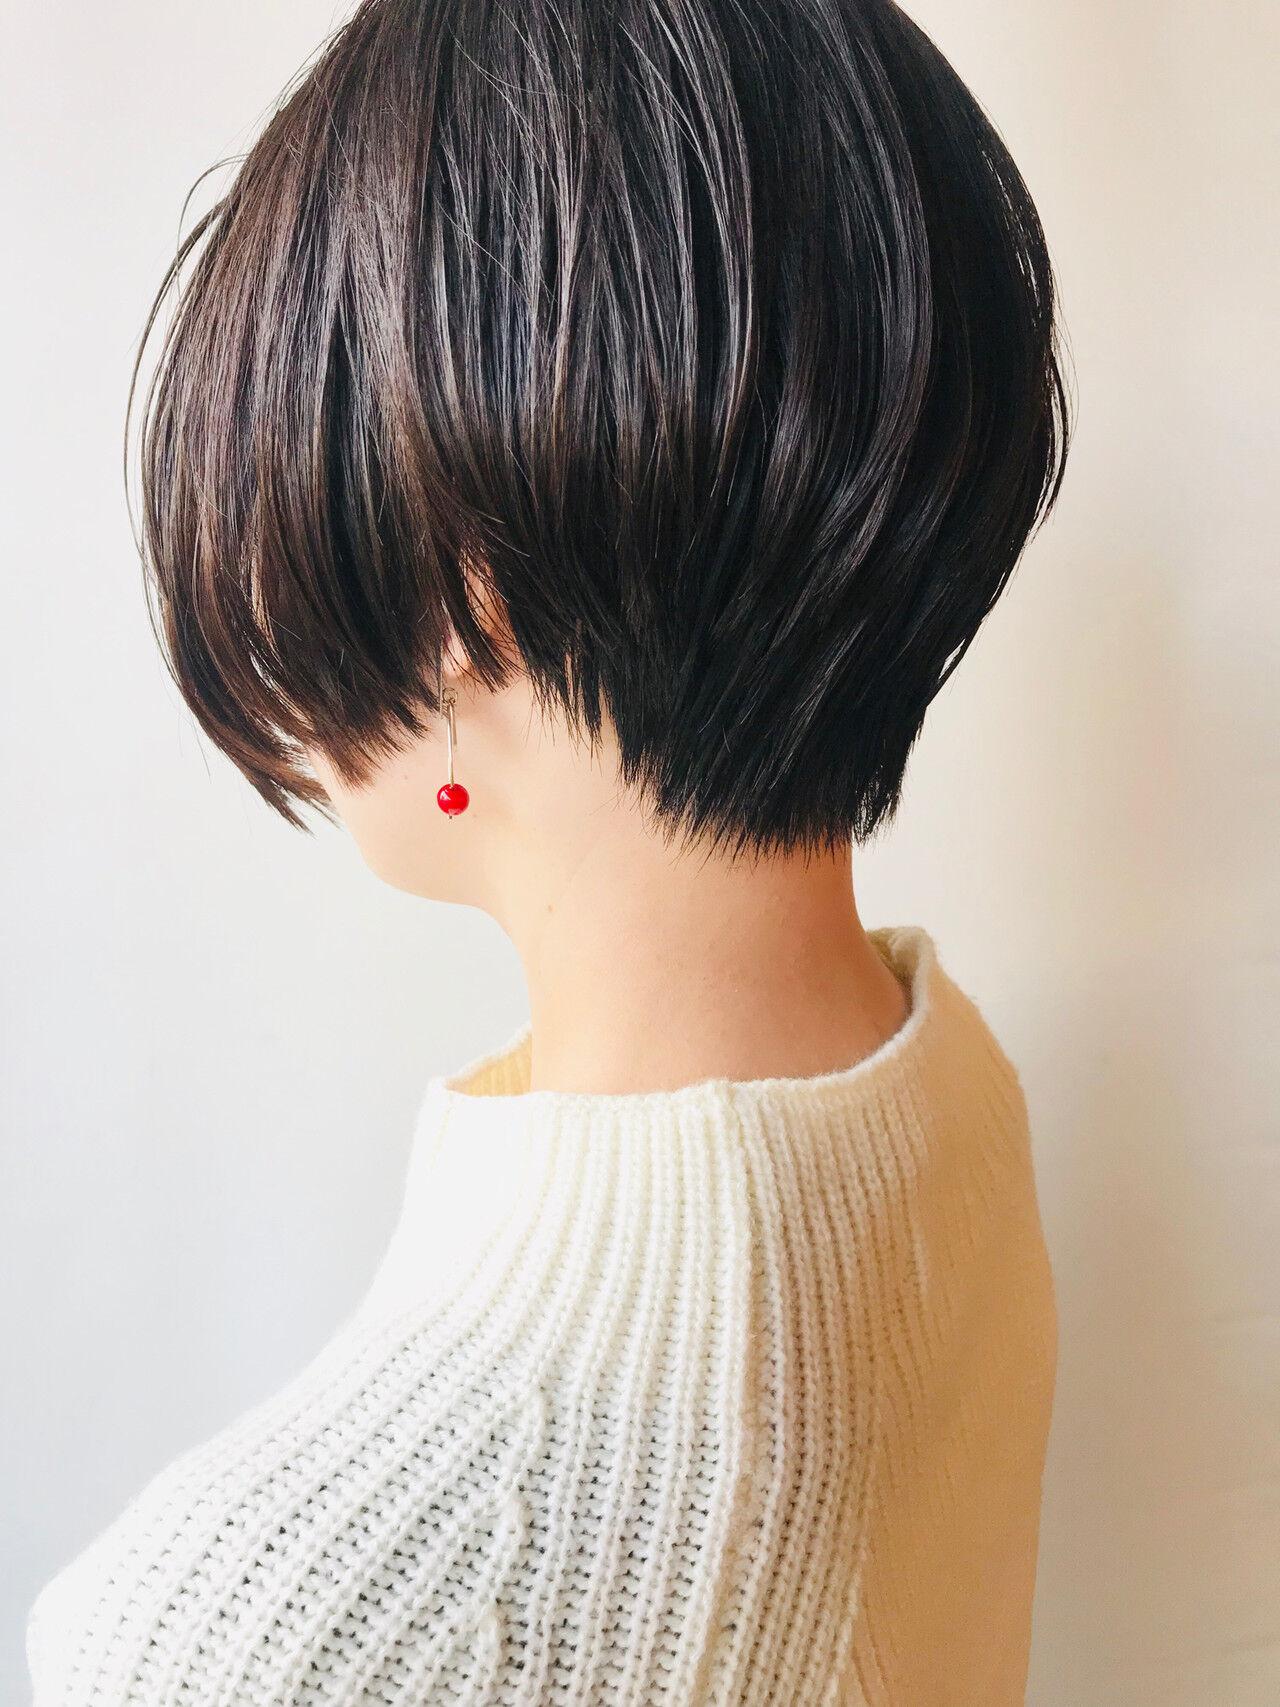 前下がりショート ナチュラル ハンサム ショートヘアスタイルや髪型の写真・画像